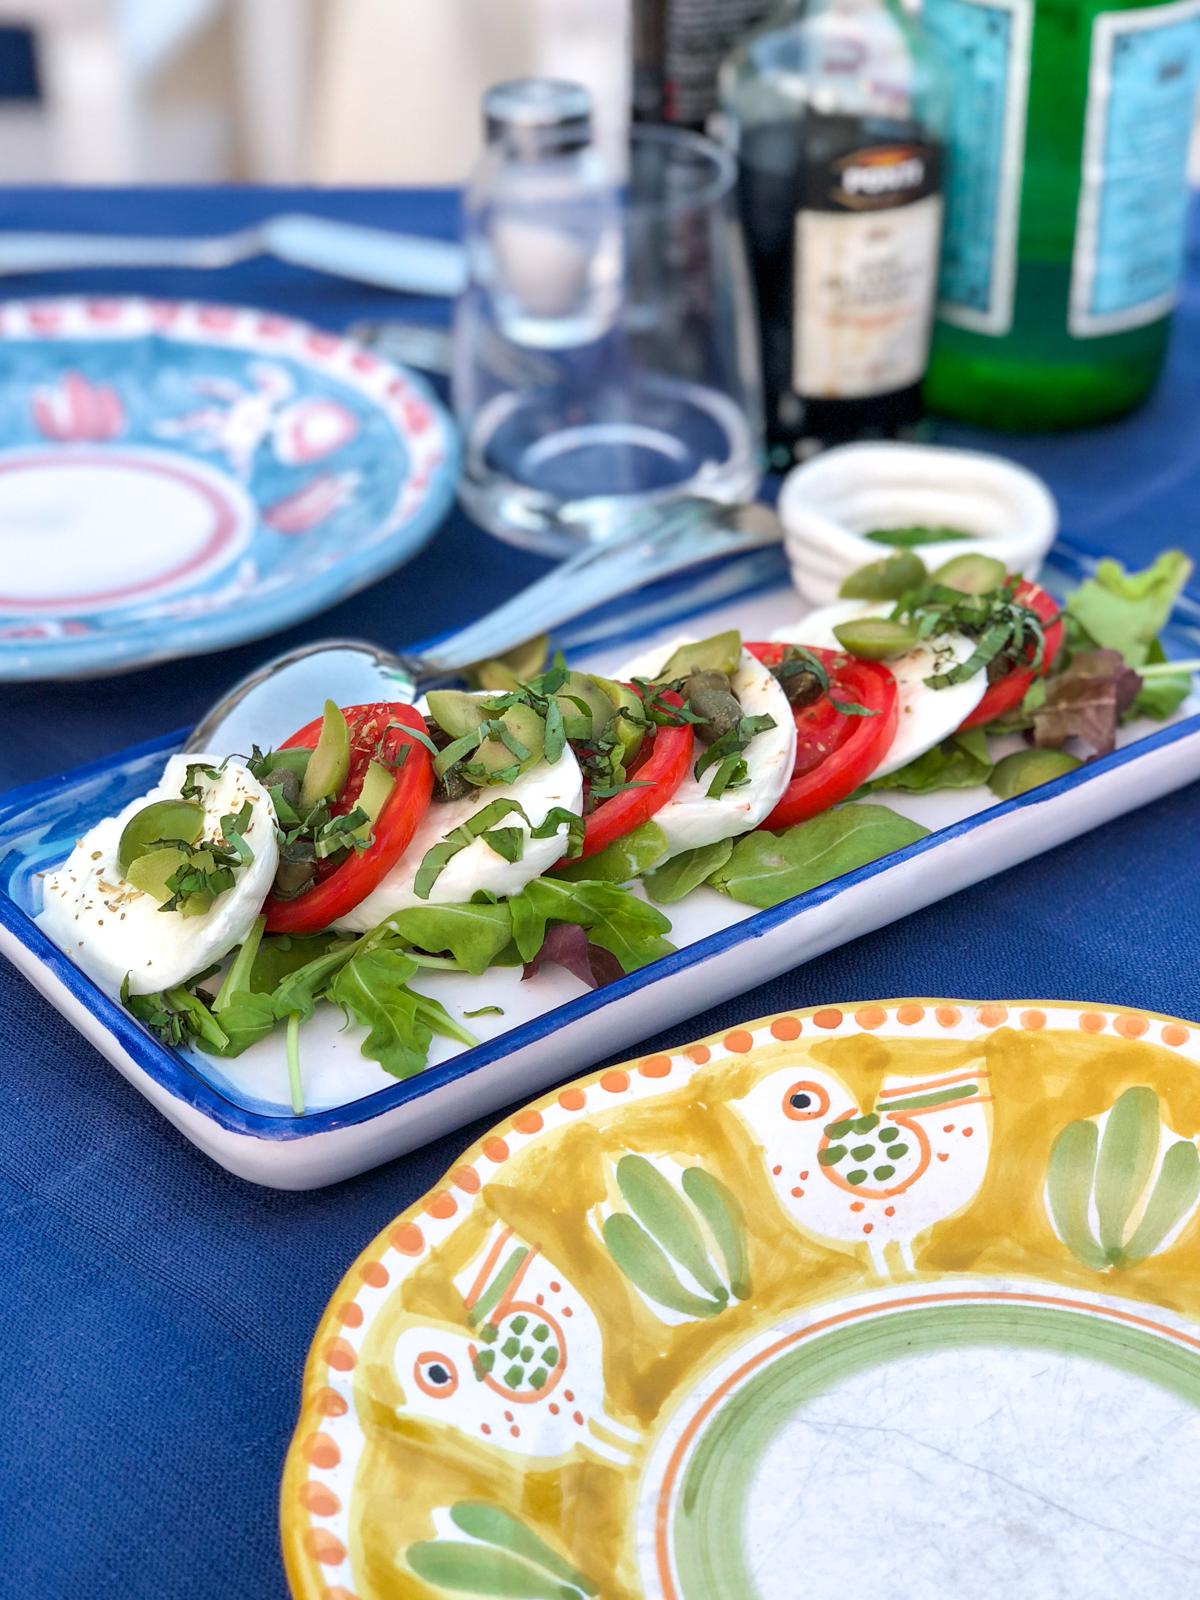 mozzarella, tomato slices, arugula, and olive salad